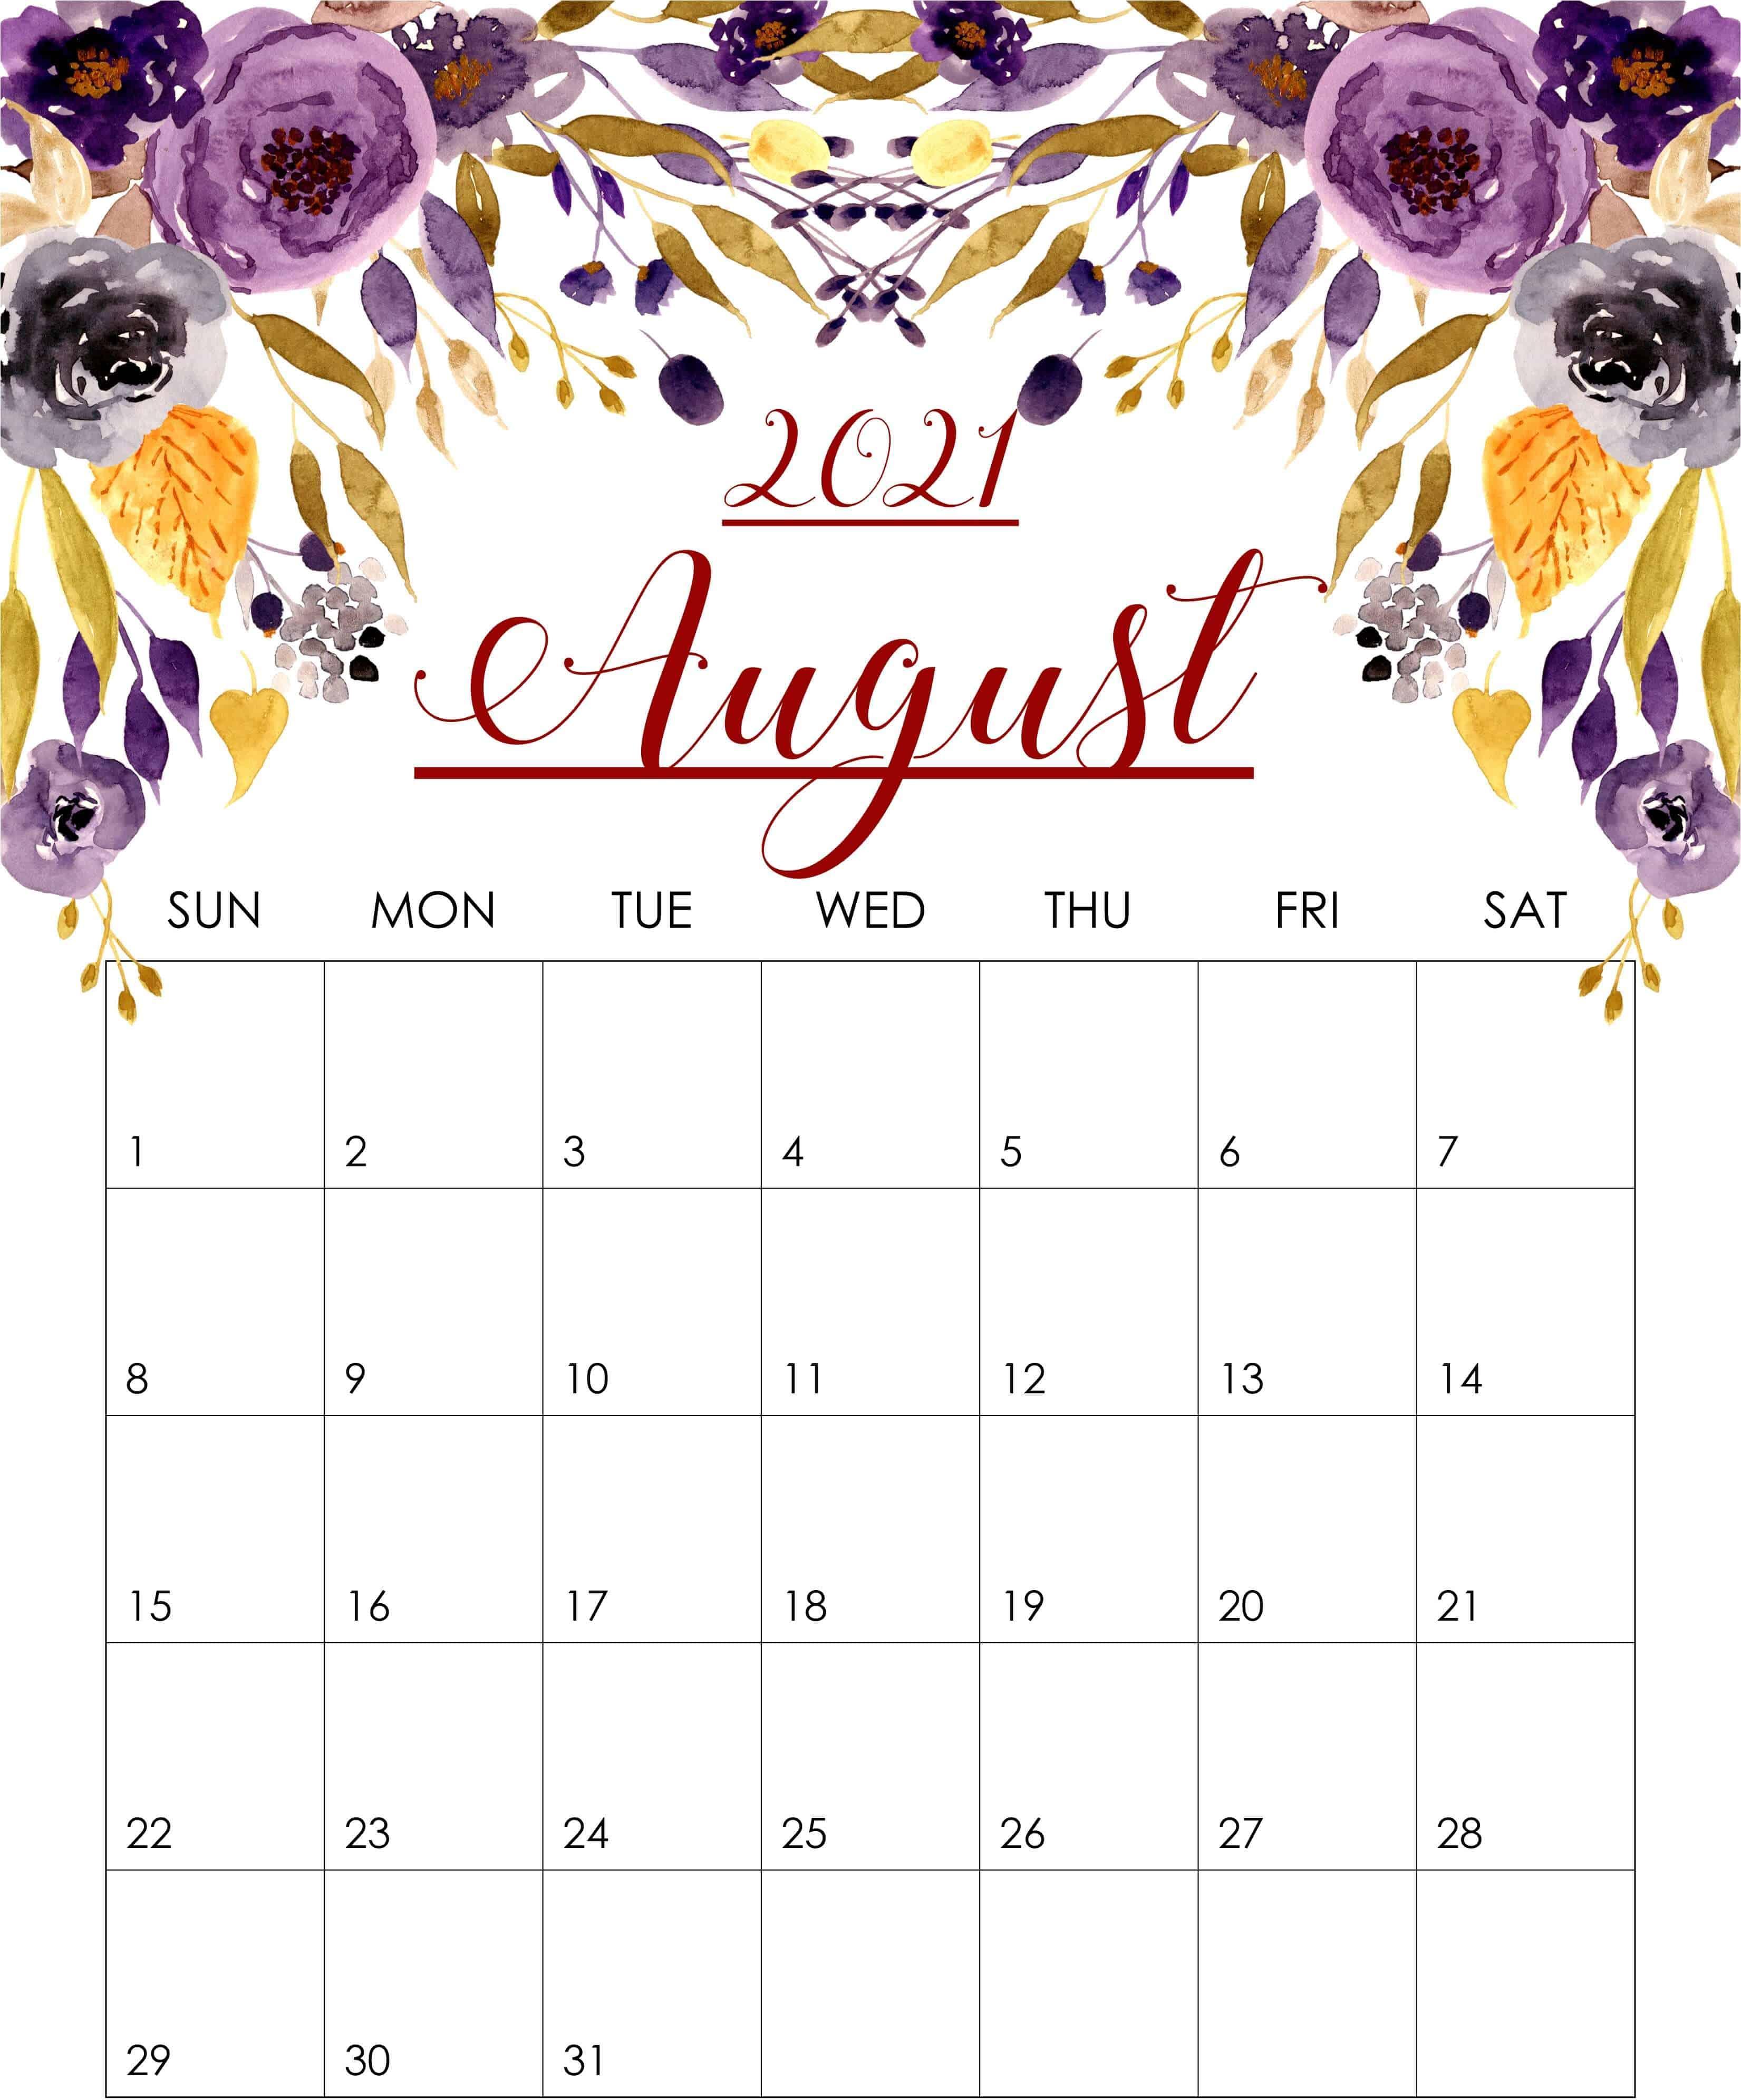 Floral August 2021 iPhone Calendar Wallpaper